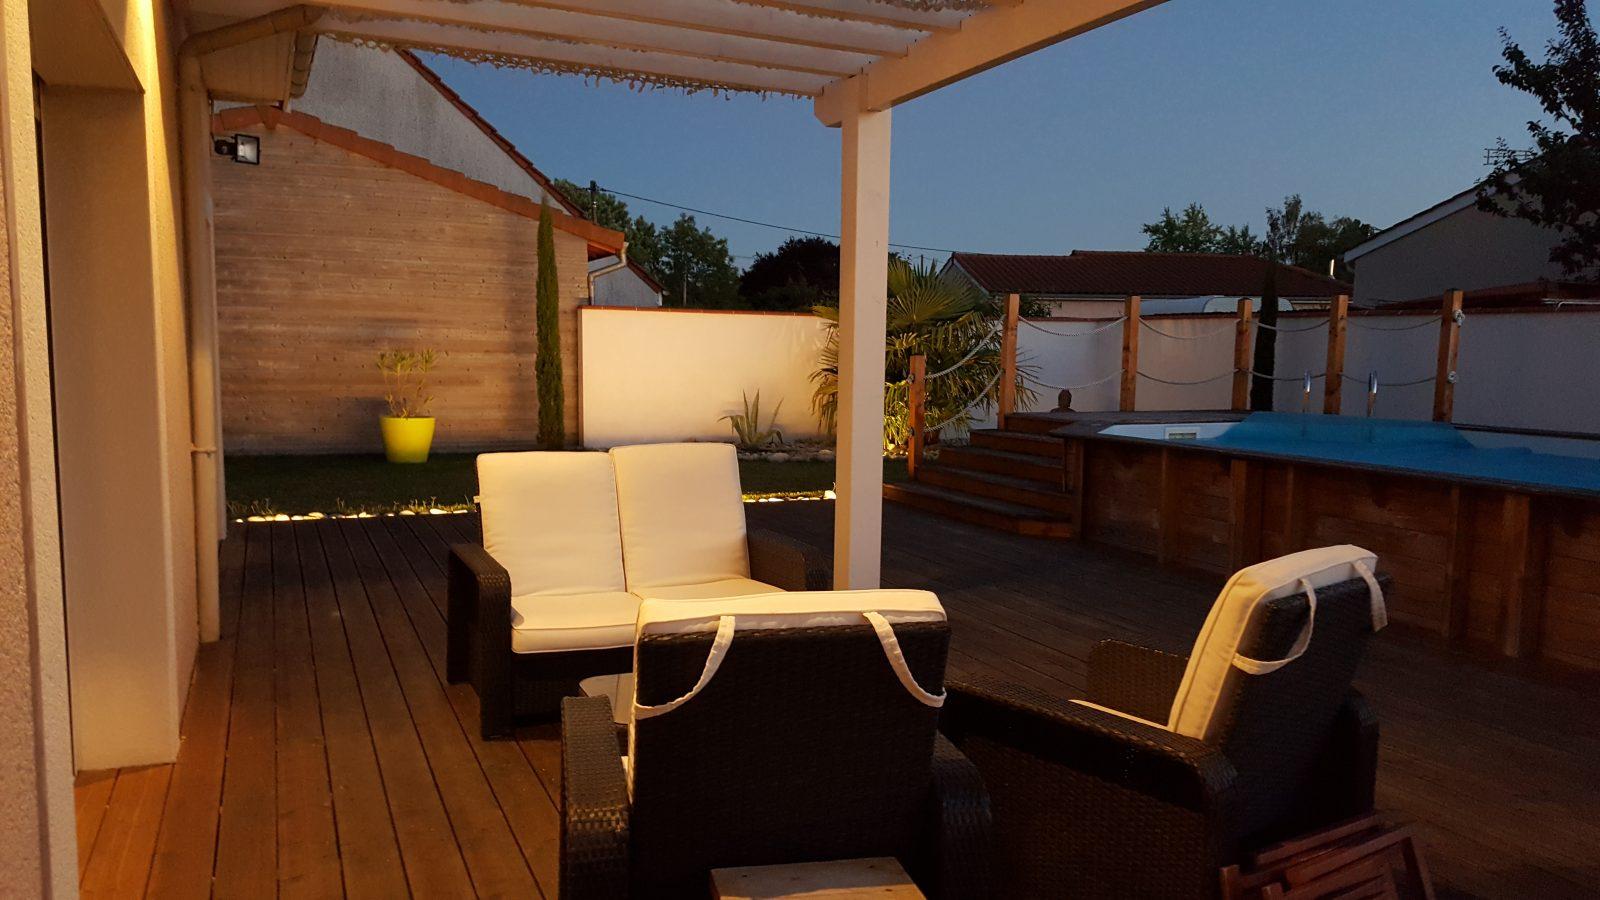 eclairage terrasse bois led best led terrasse bois. Black Bedroom Furniture Sets. Home Design Ideas